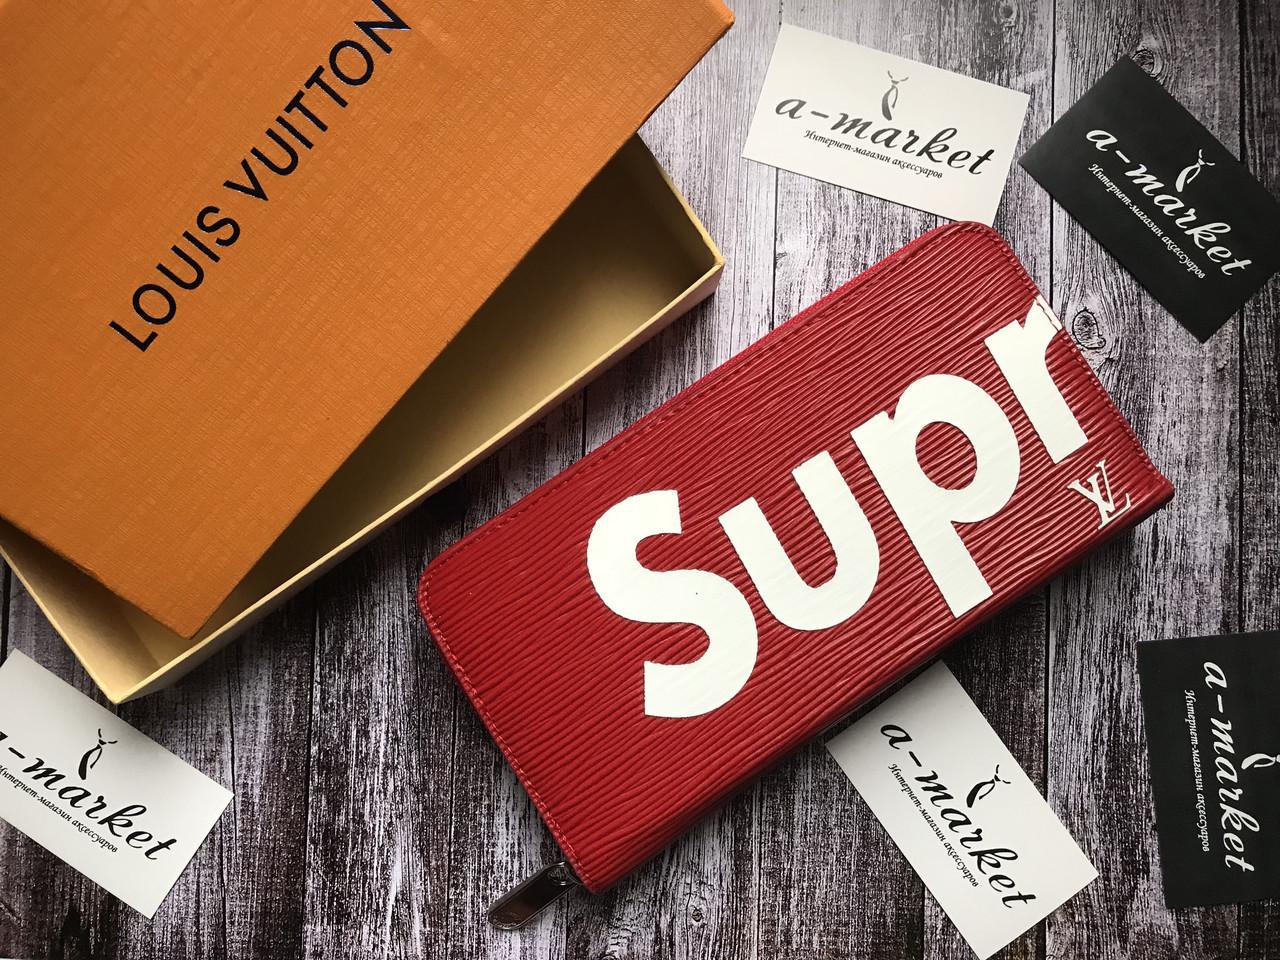 Стильный клатч, бумажник, портмоне Supreme от Louis Vuitton (Суприм Луи  Витон) - 1247fcdc030